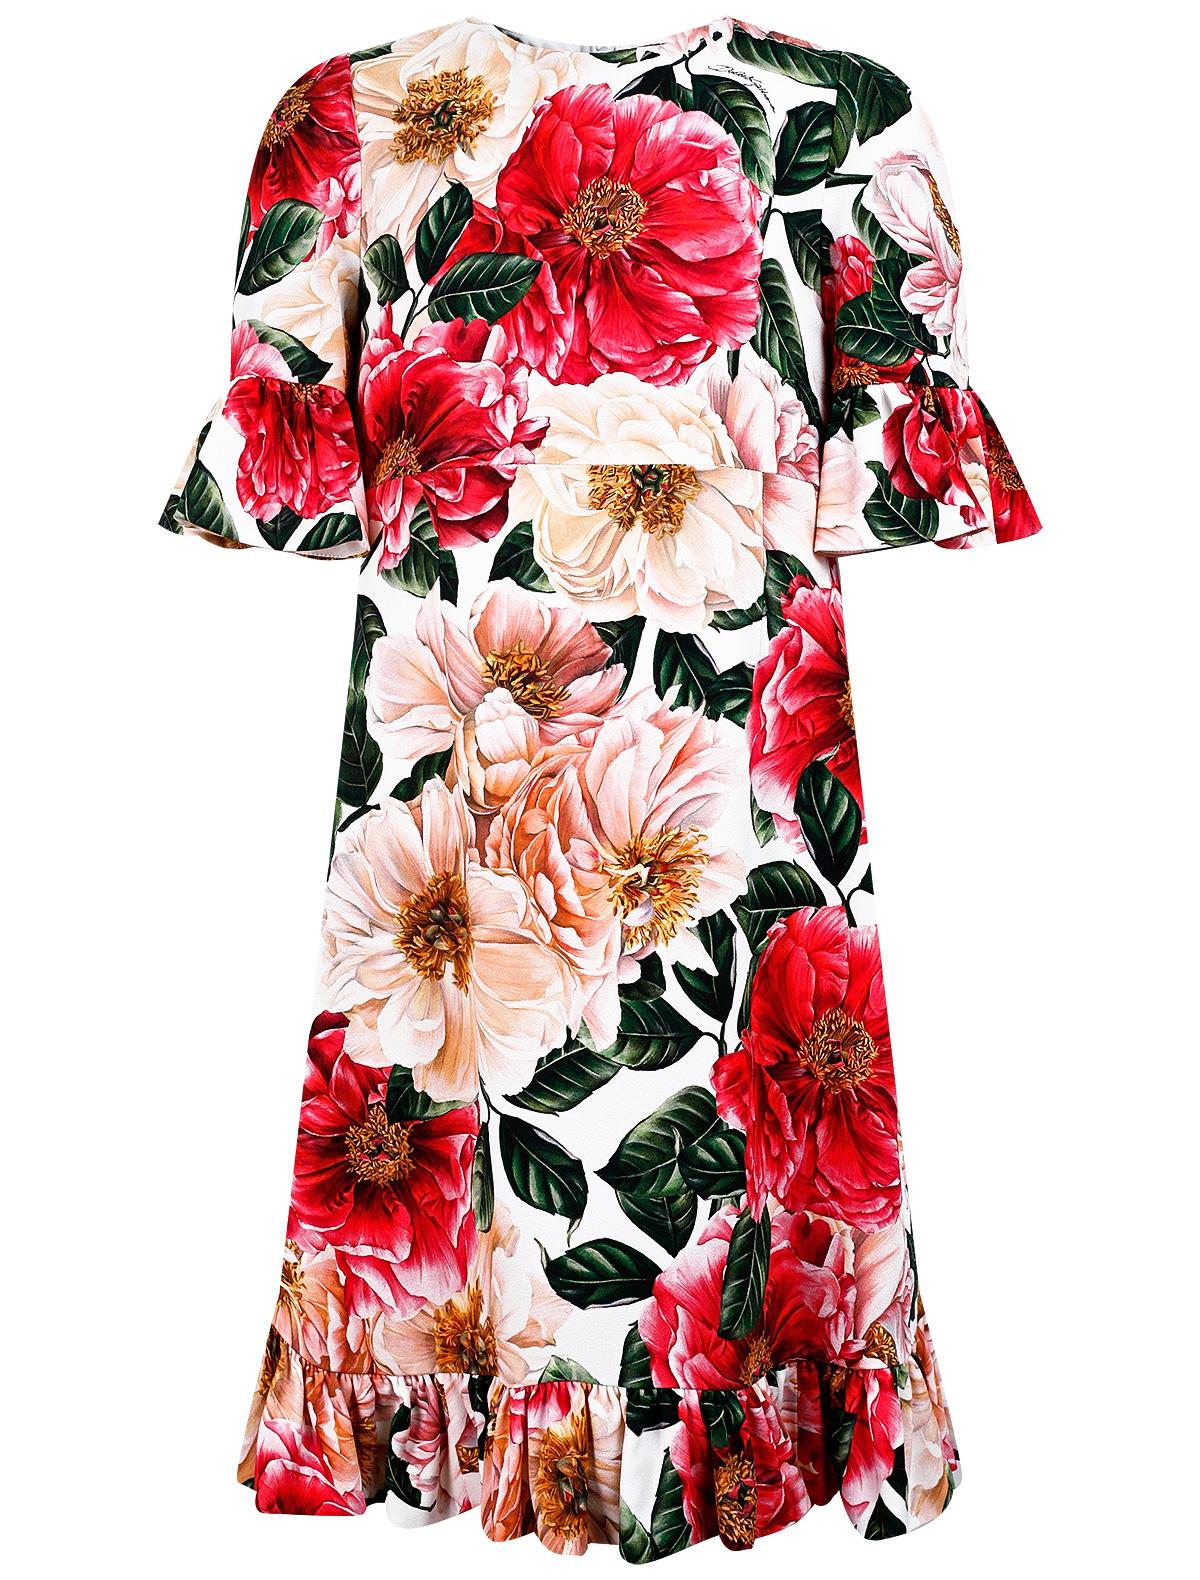 Купить 2282672, Платье Dolce & Gabbana, розовый, Женский, 1054509175423